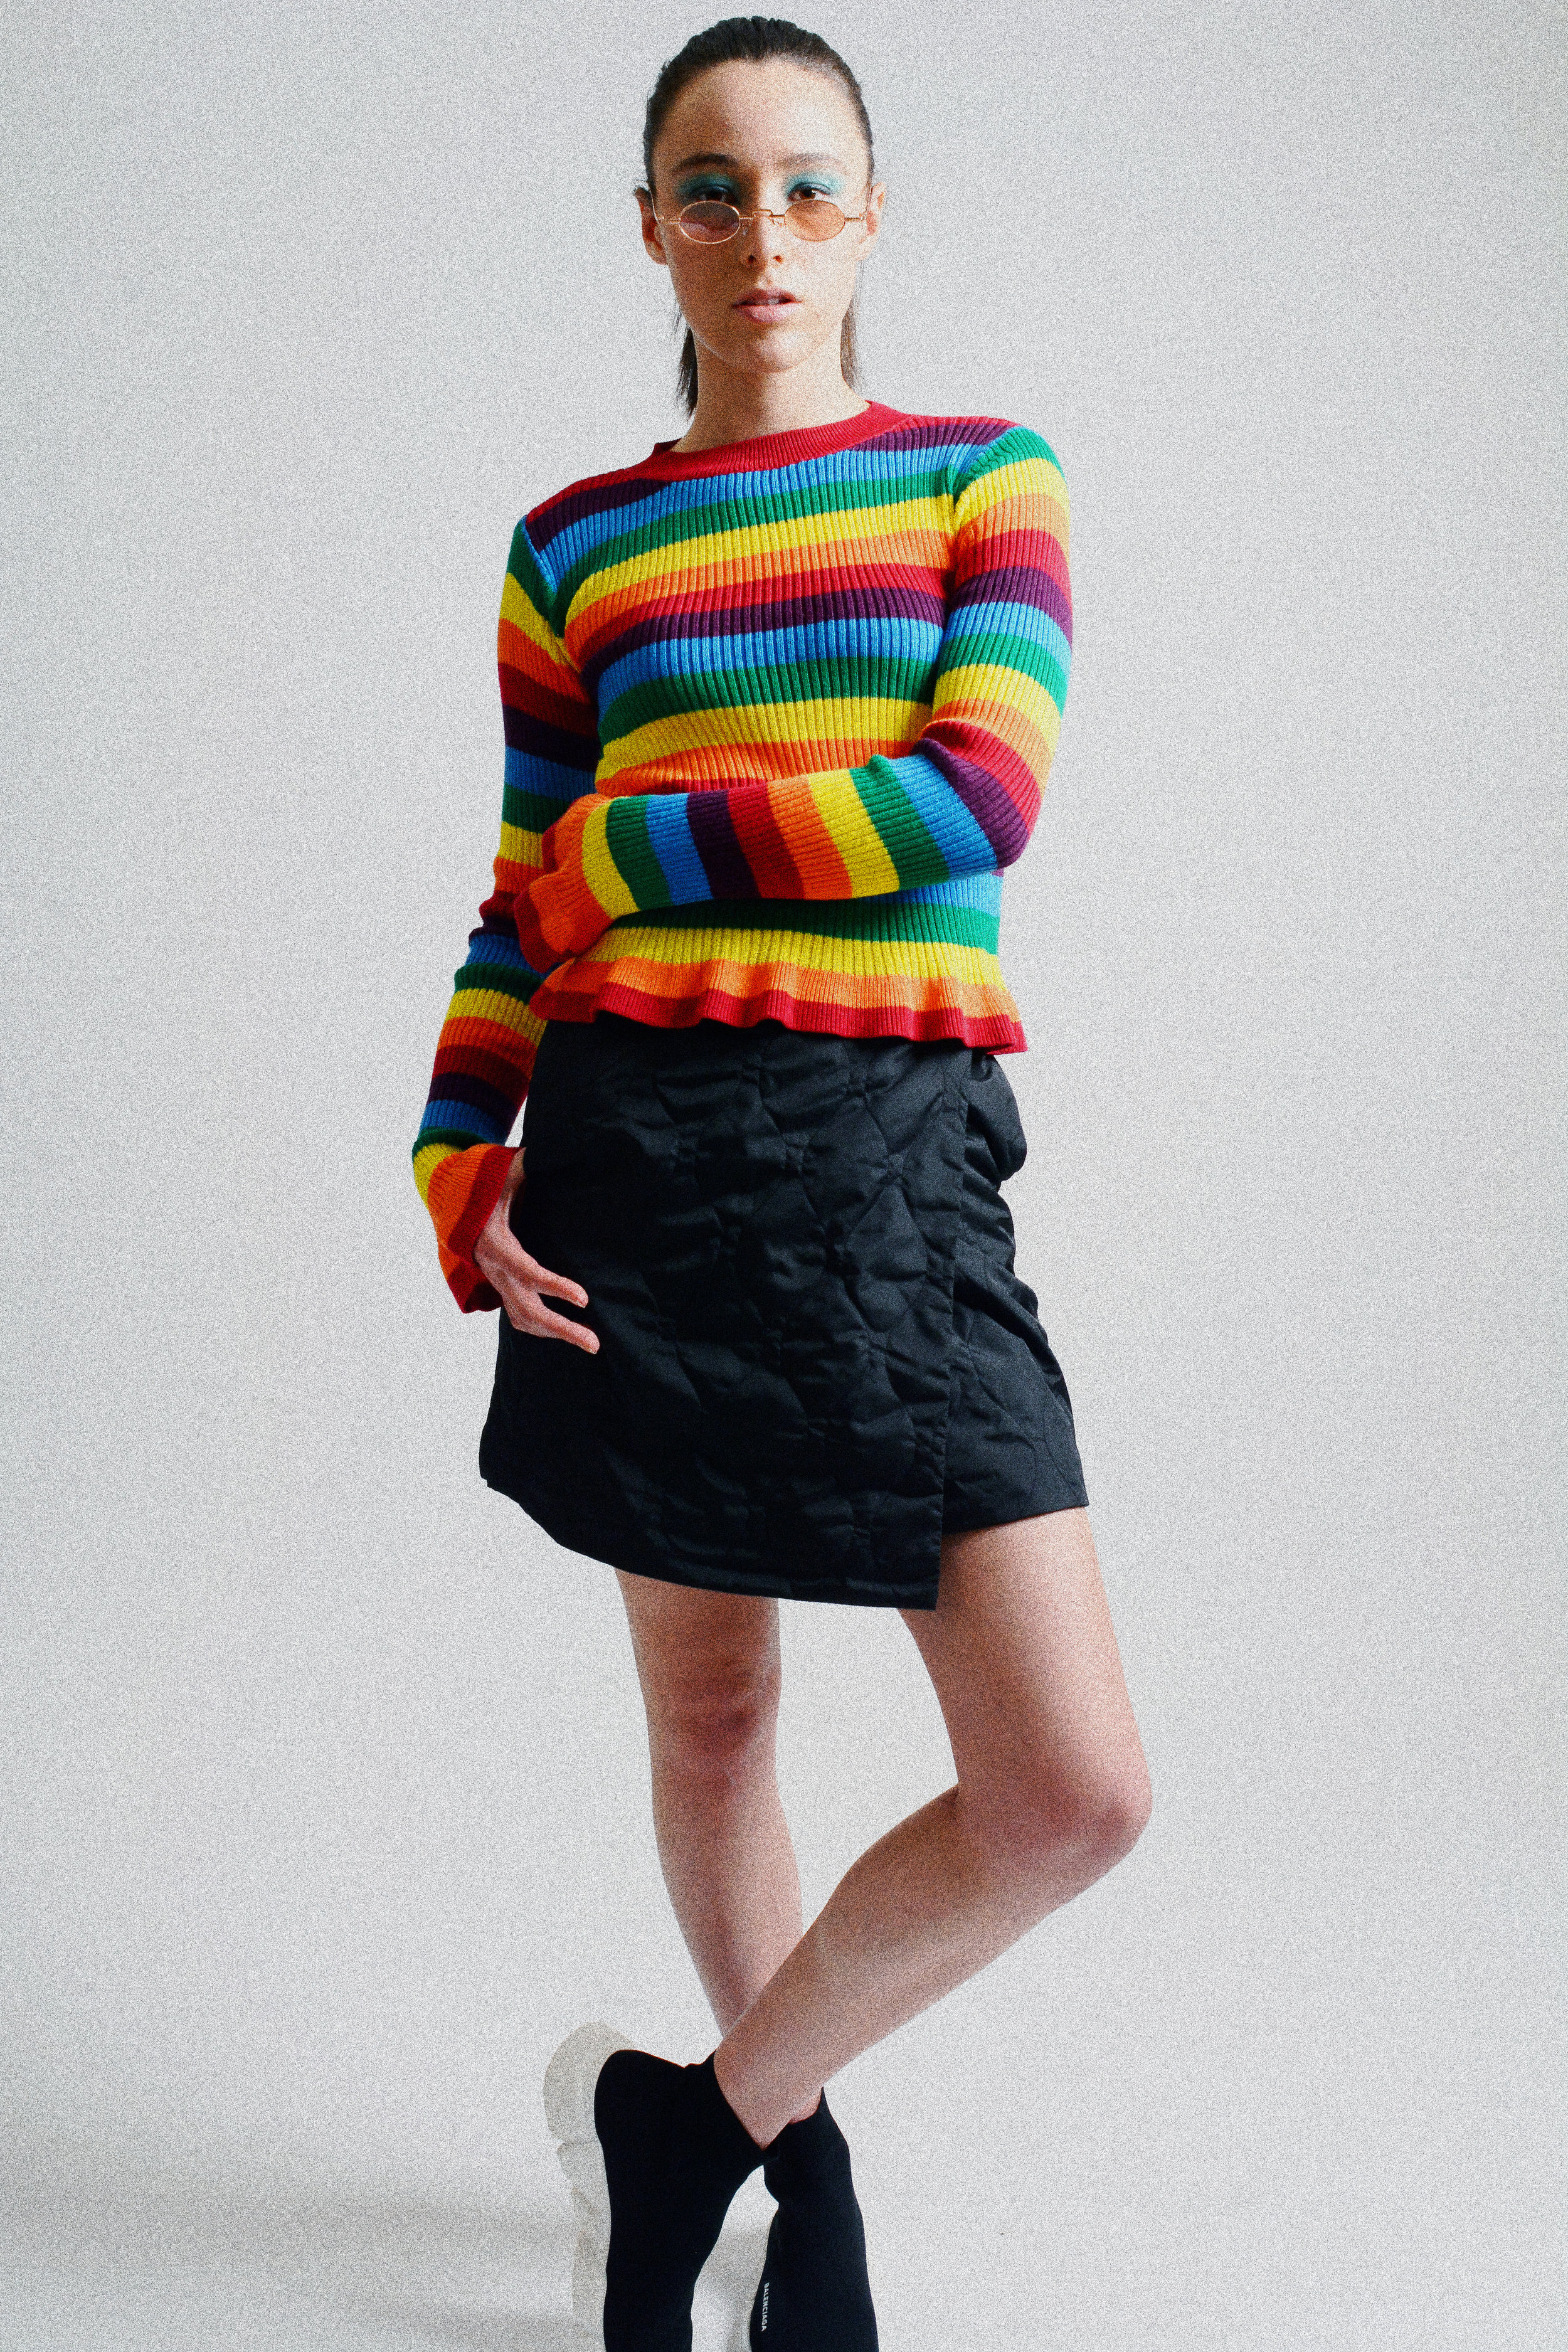 Shirt: Lord and Taylor Skirt: Uniqlo Shoes: Balenciaga Glasses: Mooki May